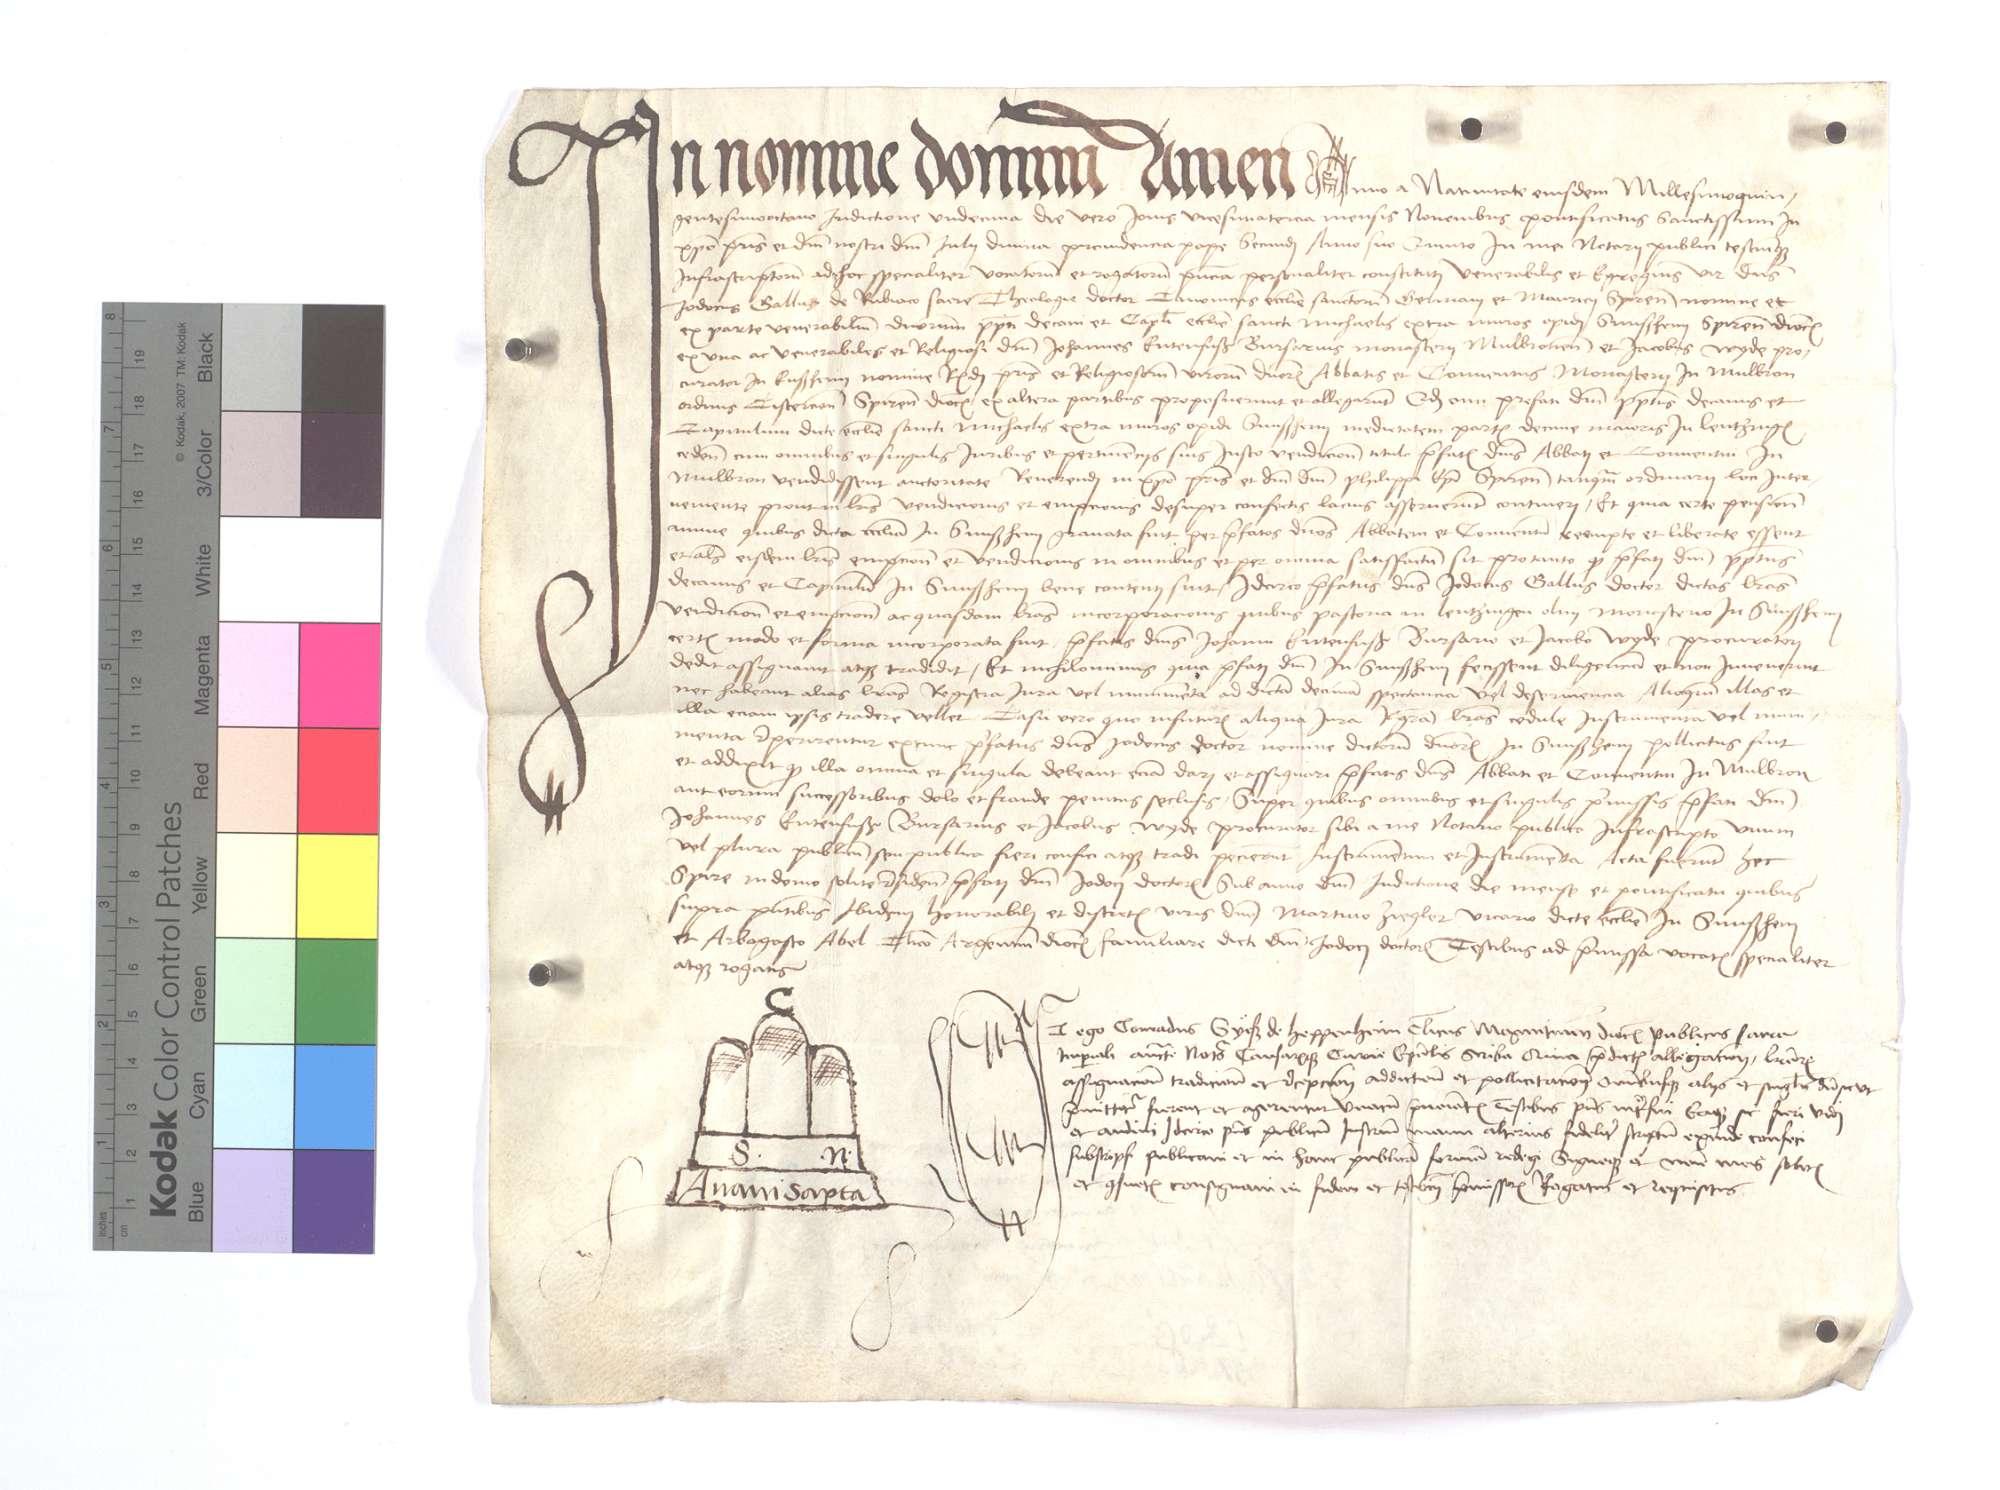 Notariatsinstrument, das sich auf die Fertigung des Abts und Konvents von Sinsheim bezieht, als sie dem Kloster Maulbronn den halben Teil des Fruchtzehnten in Lienzingen (Lientzingen) für 2.200 Gulden verkauft haben, sowie auf die Herausgabe des vorhandenen Dokuments., Text